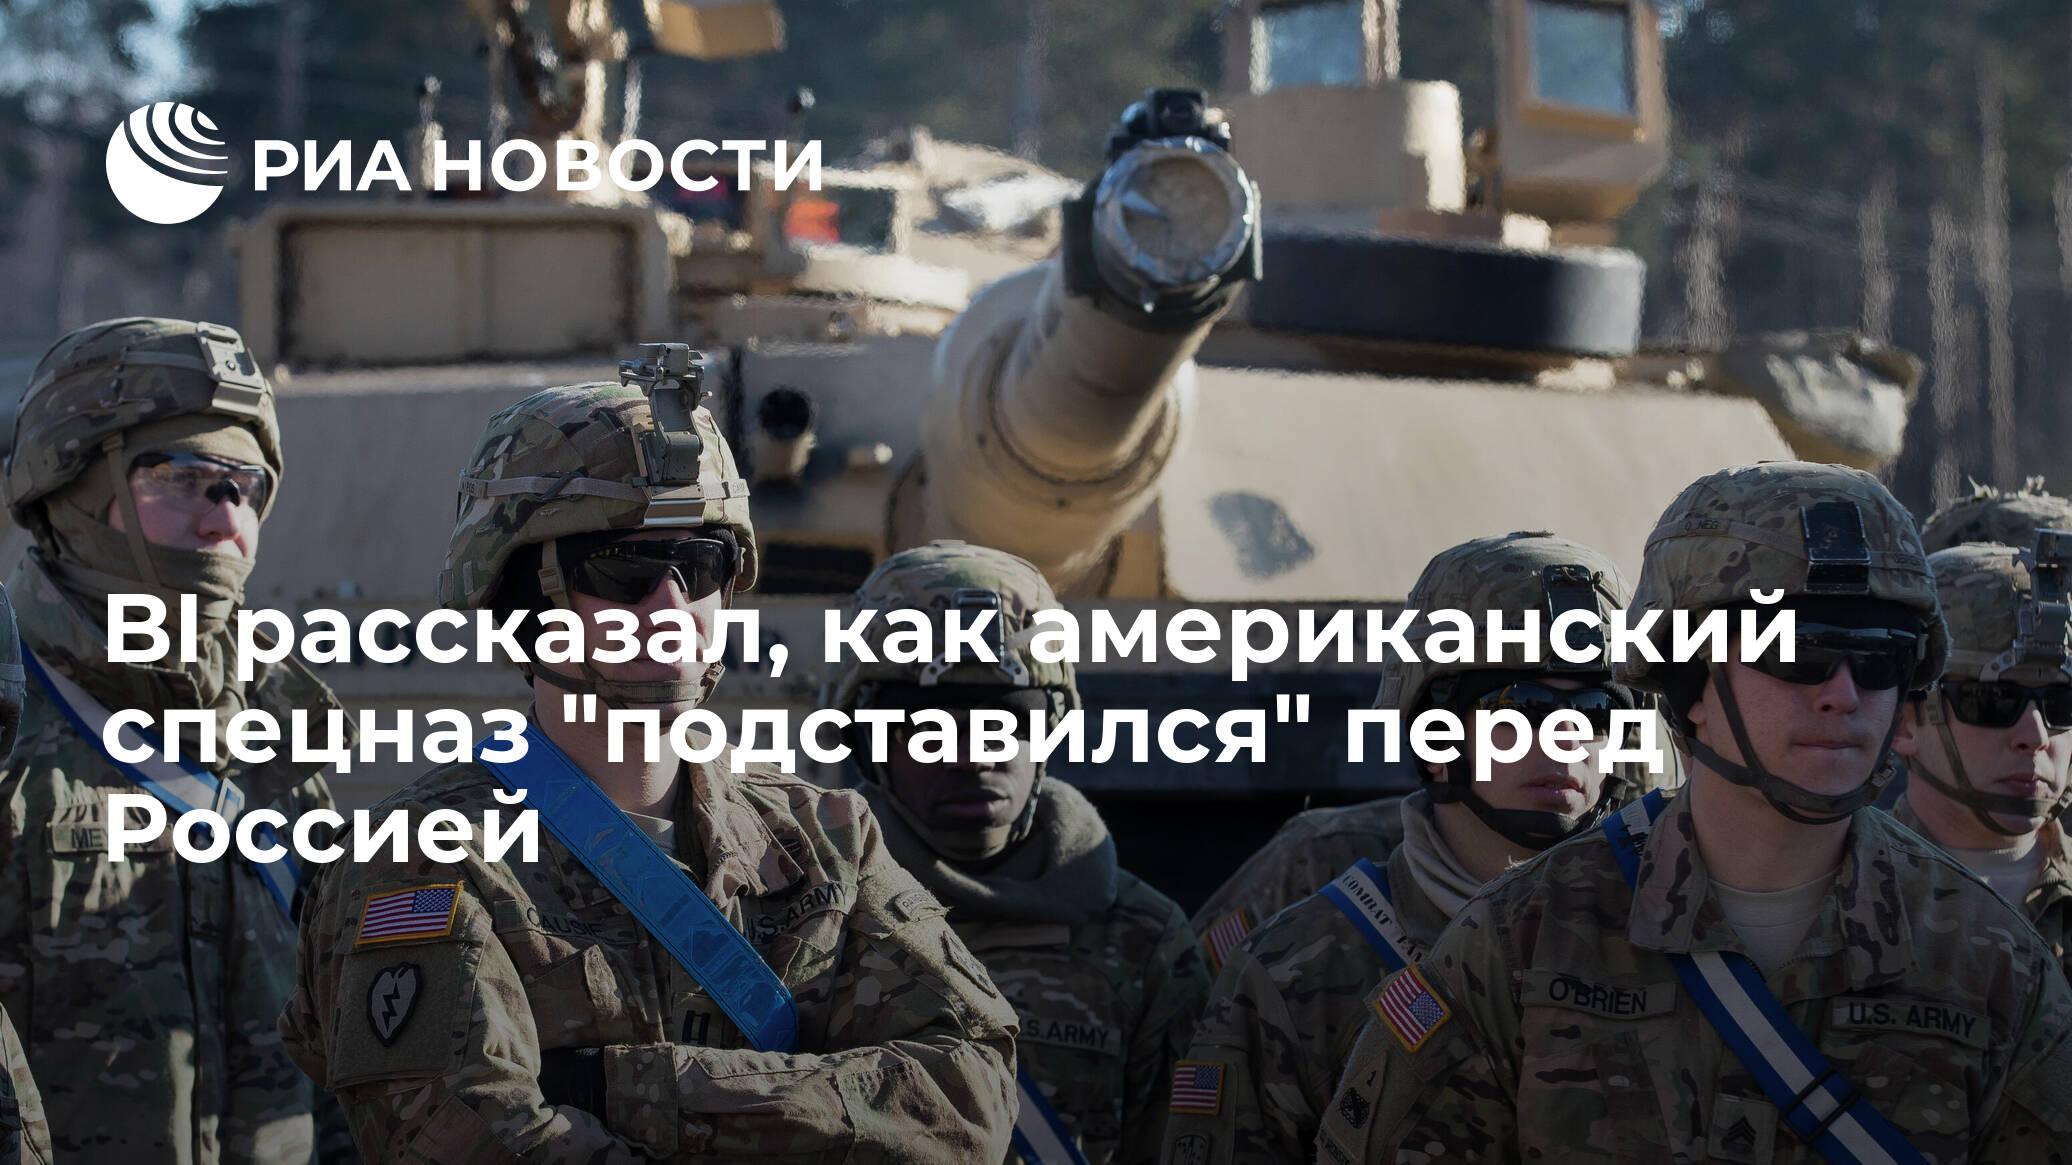 BI рассказал, как американский спецназ стал уязвимым перед Россией